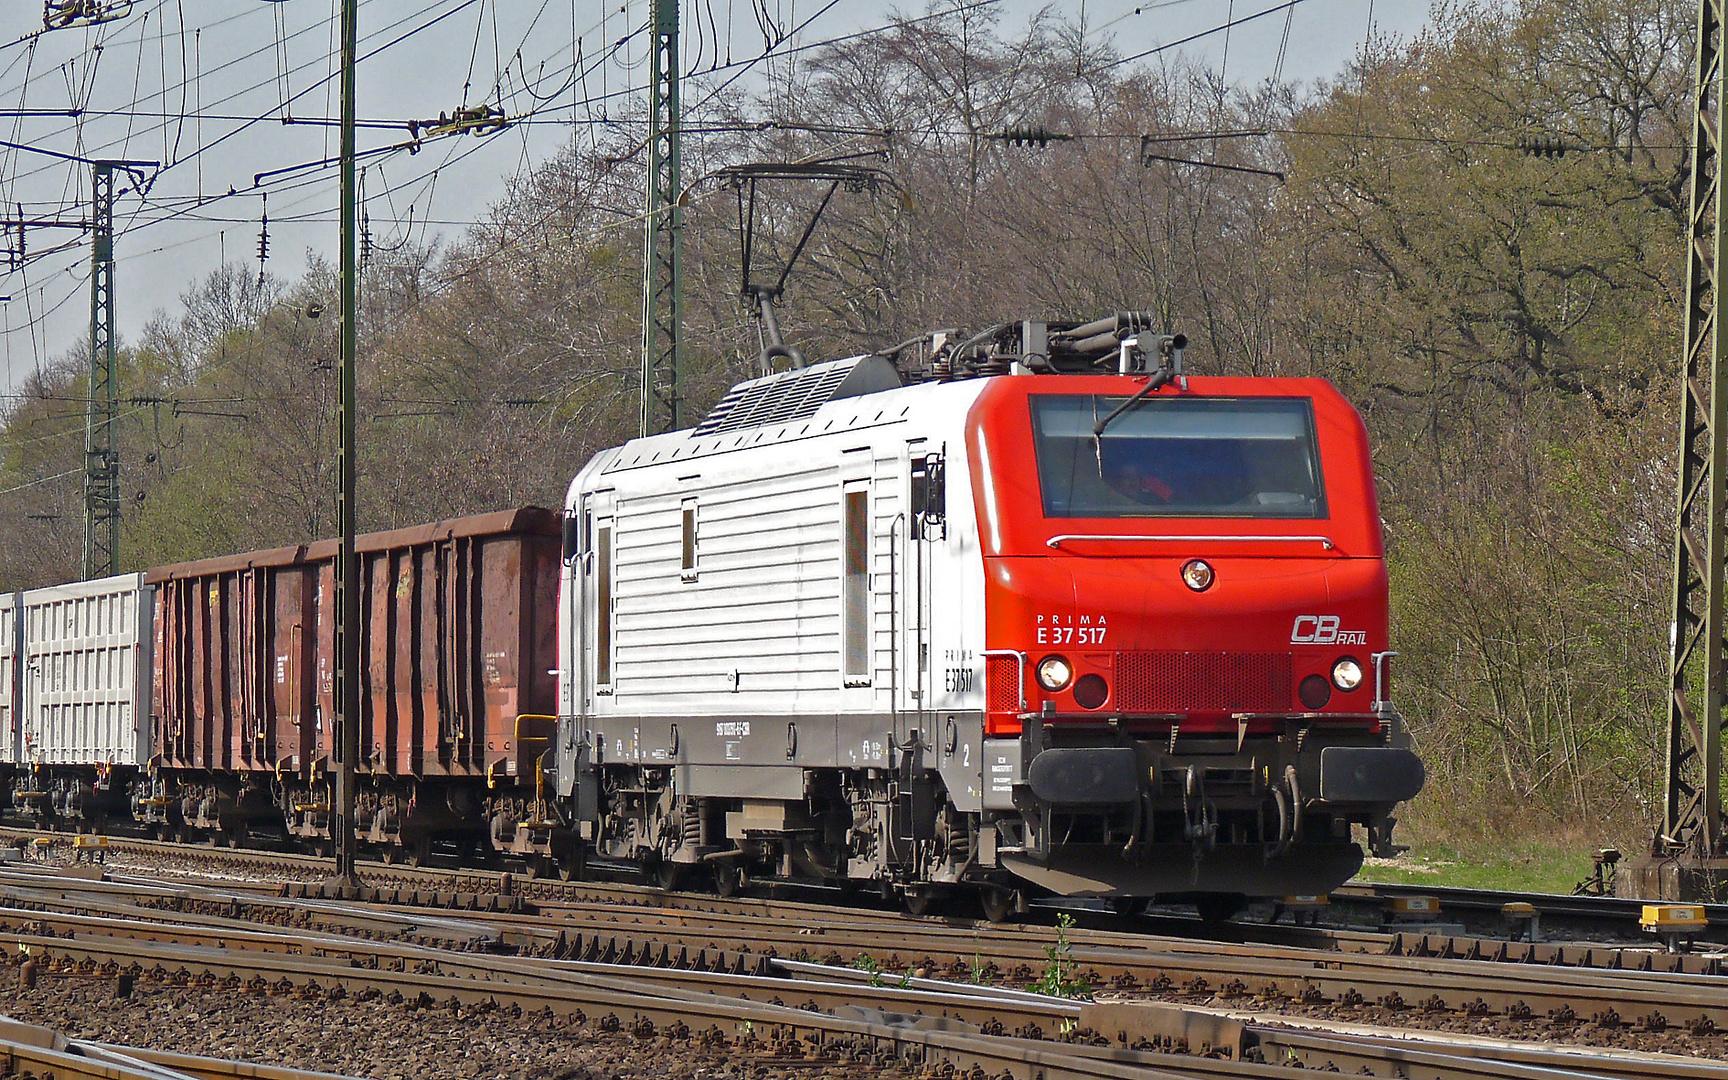 Alstom Prima 3U15